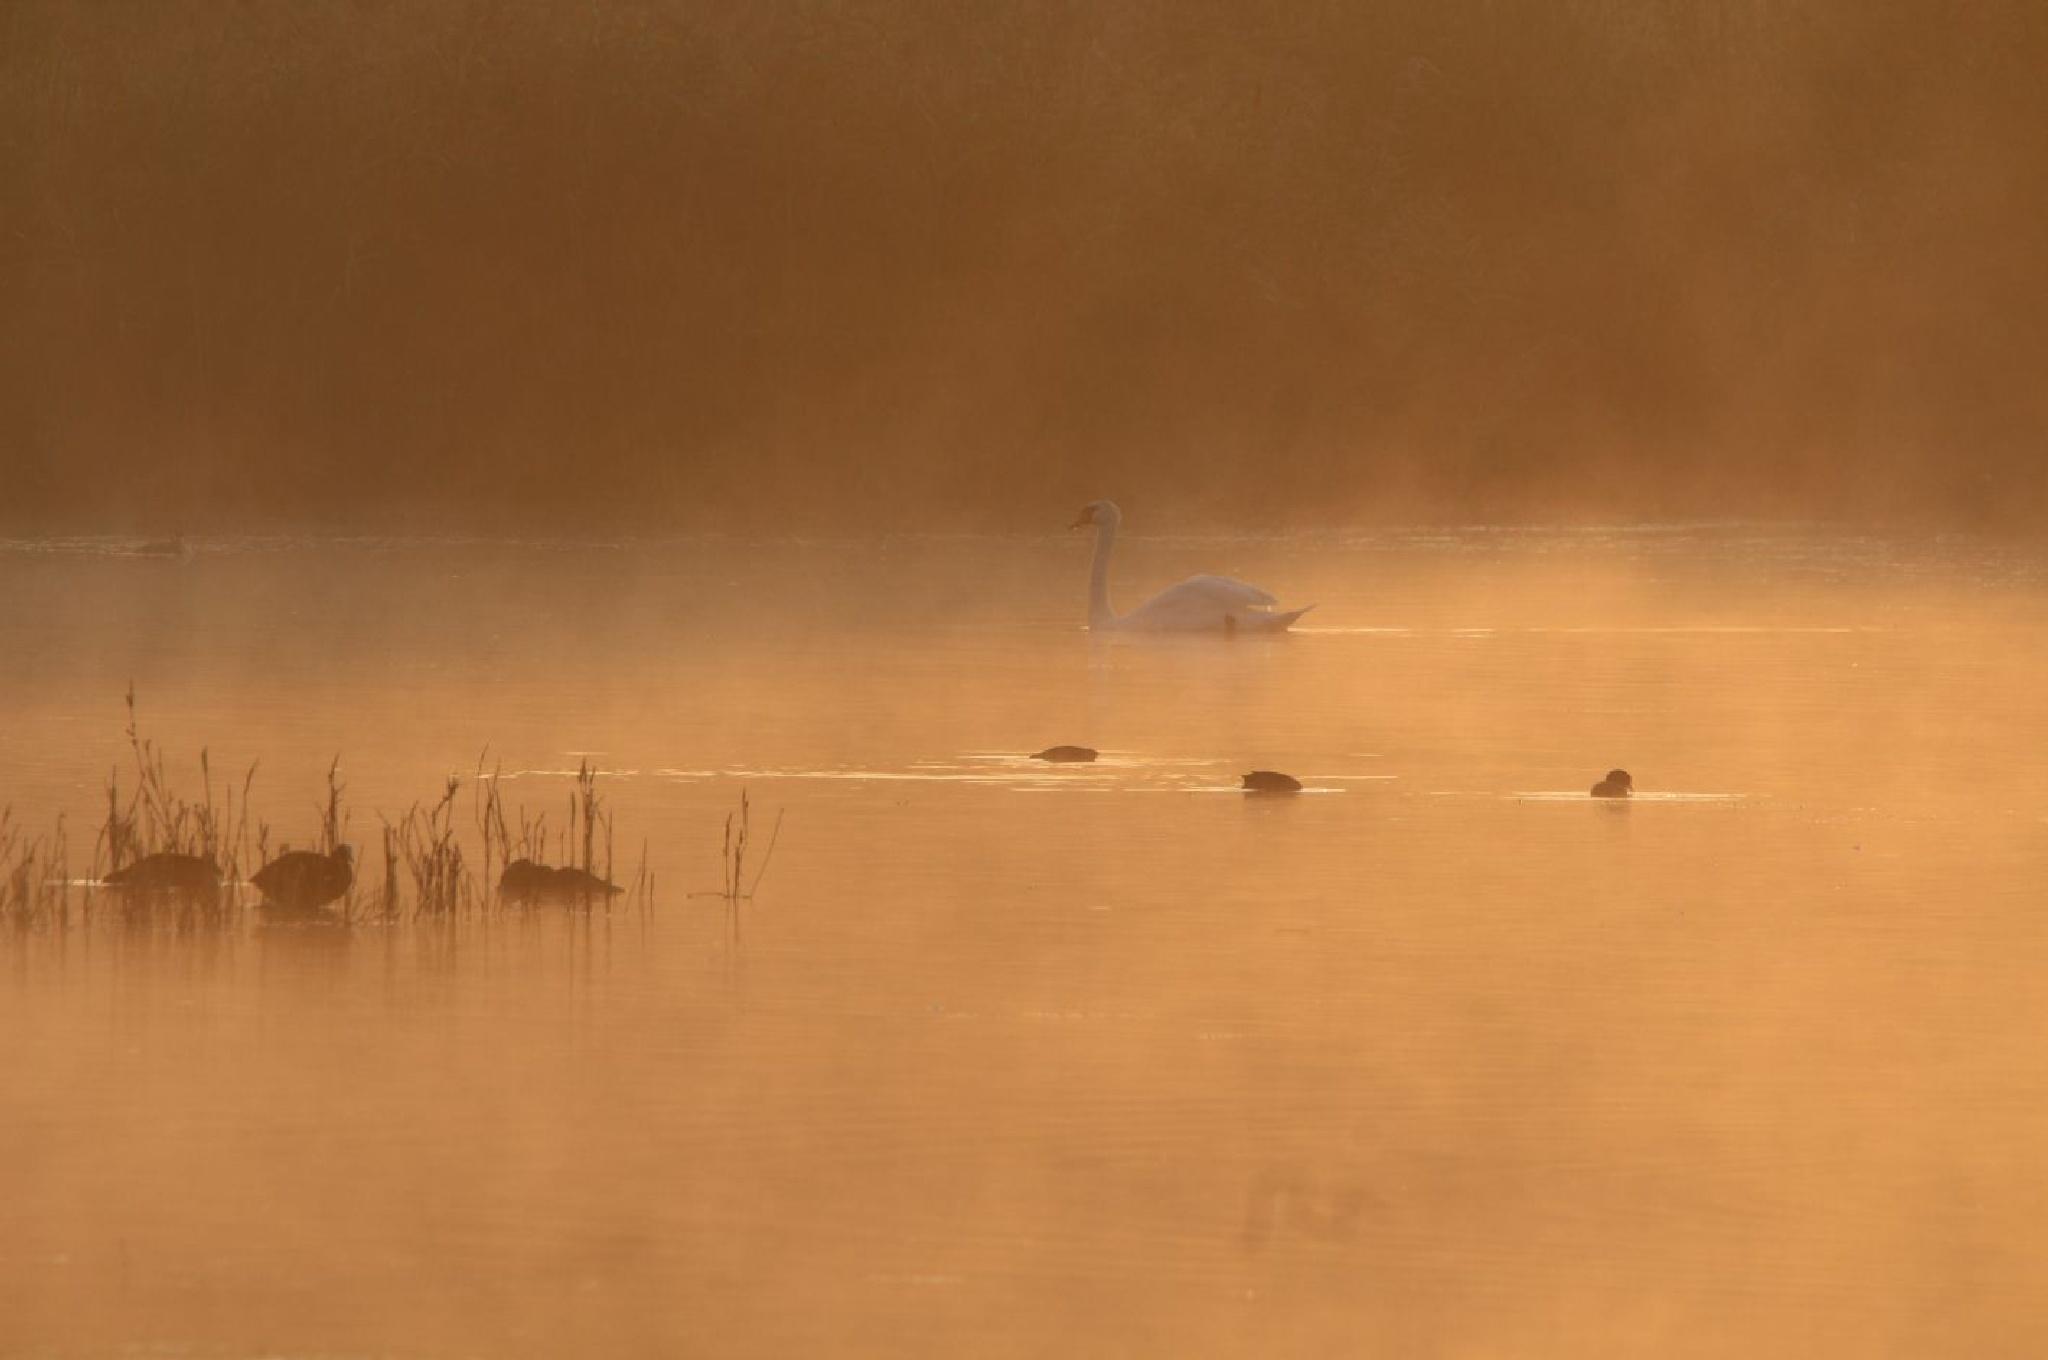 L'aube sur un lac by abeille77